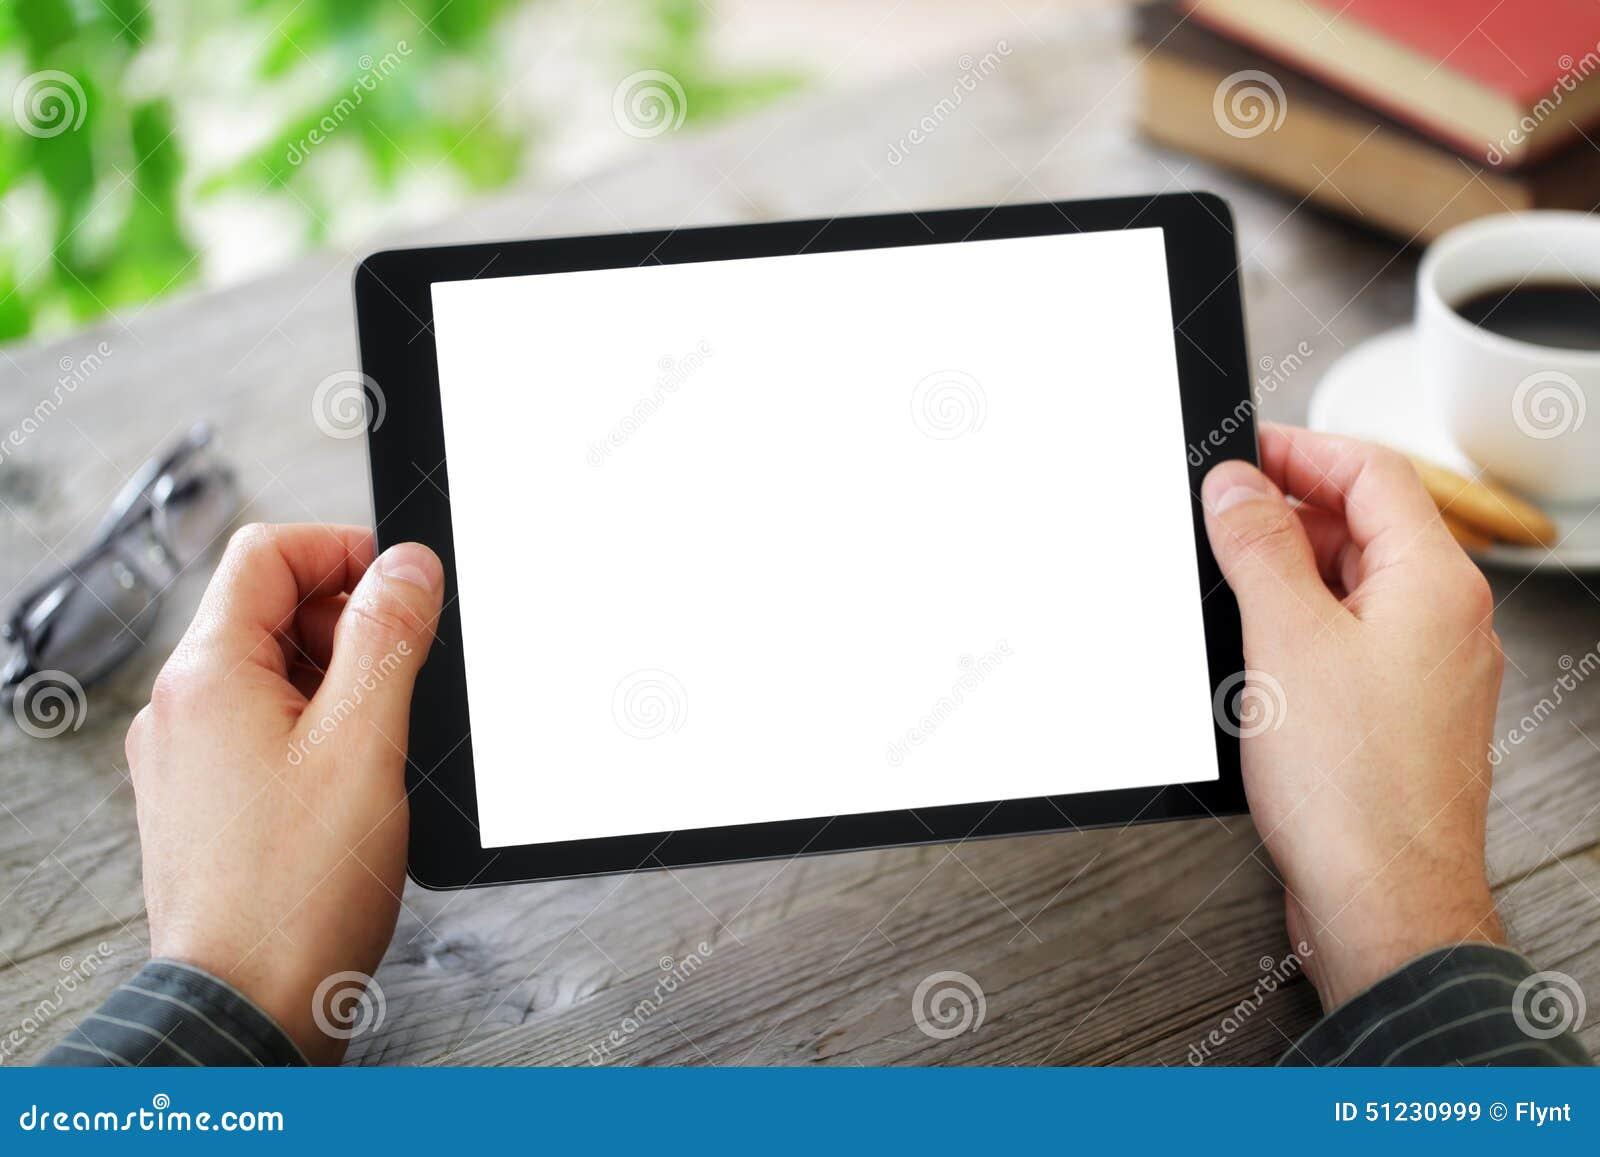 Blank digital skärmtablet